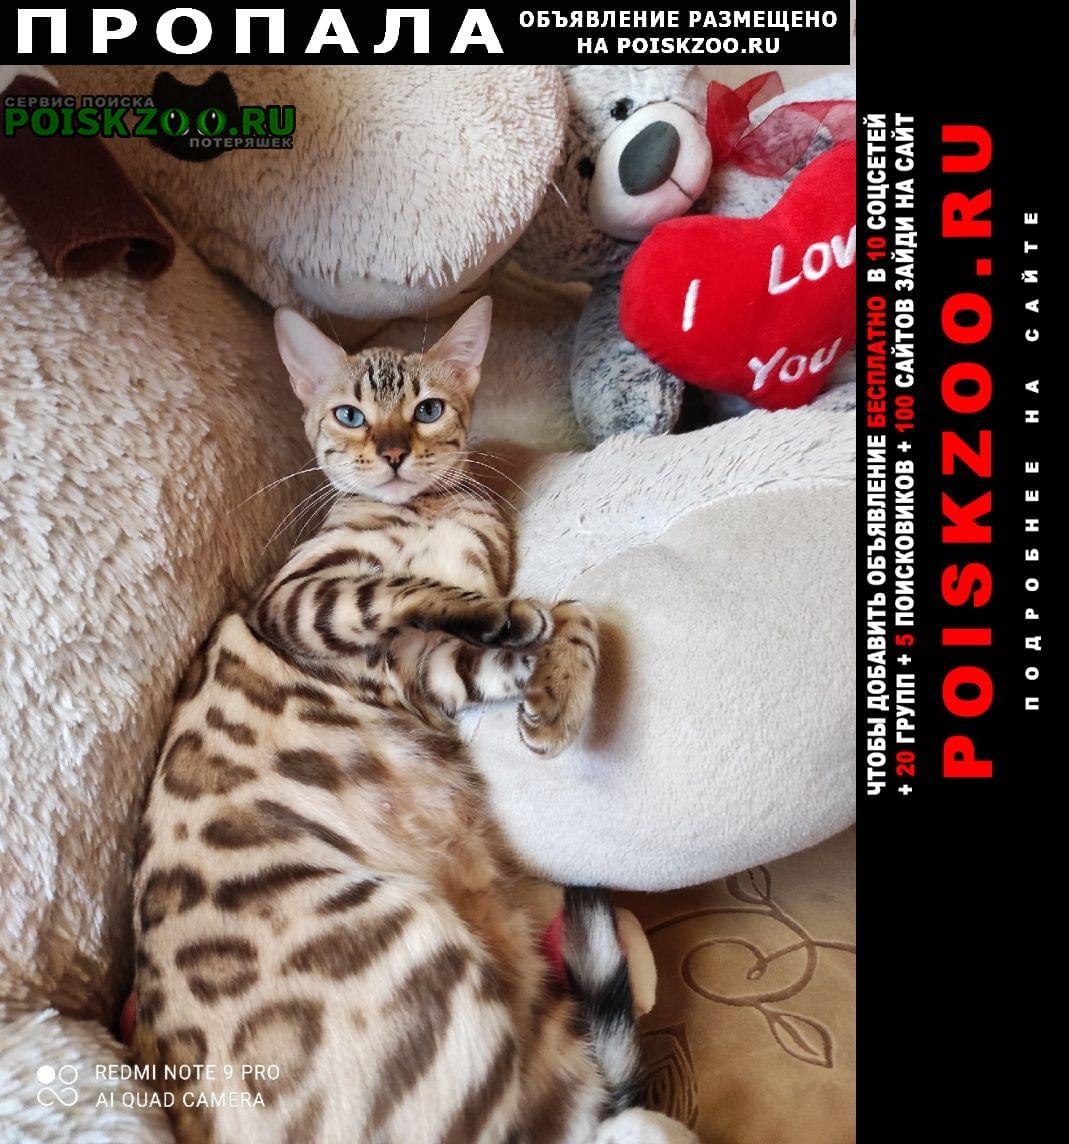 Пропала кошка бенгальской породы Пермь